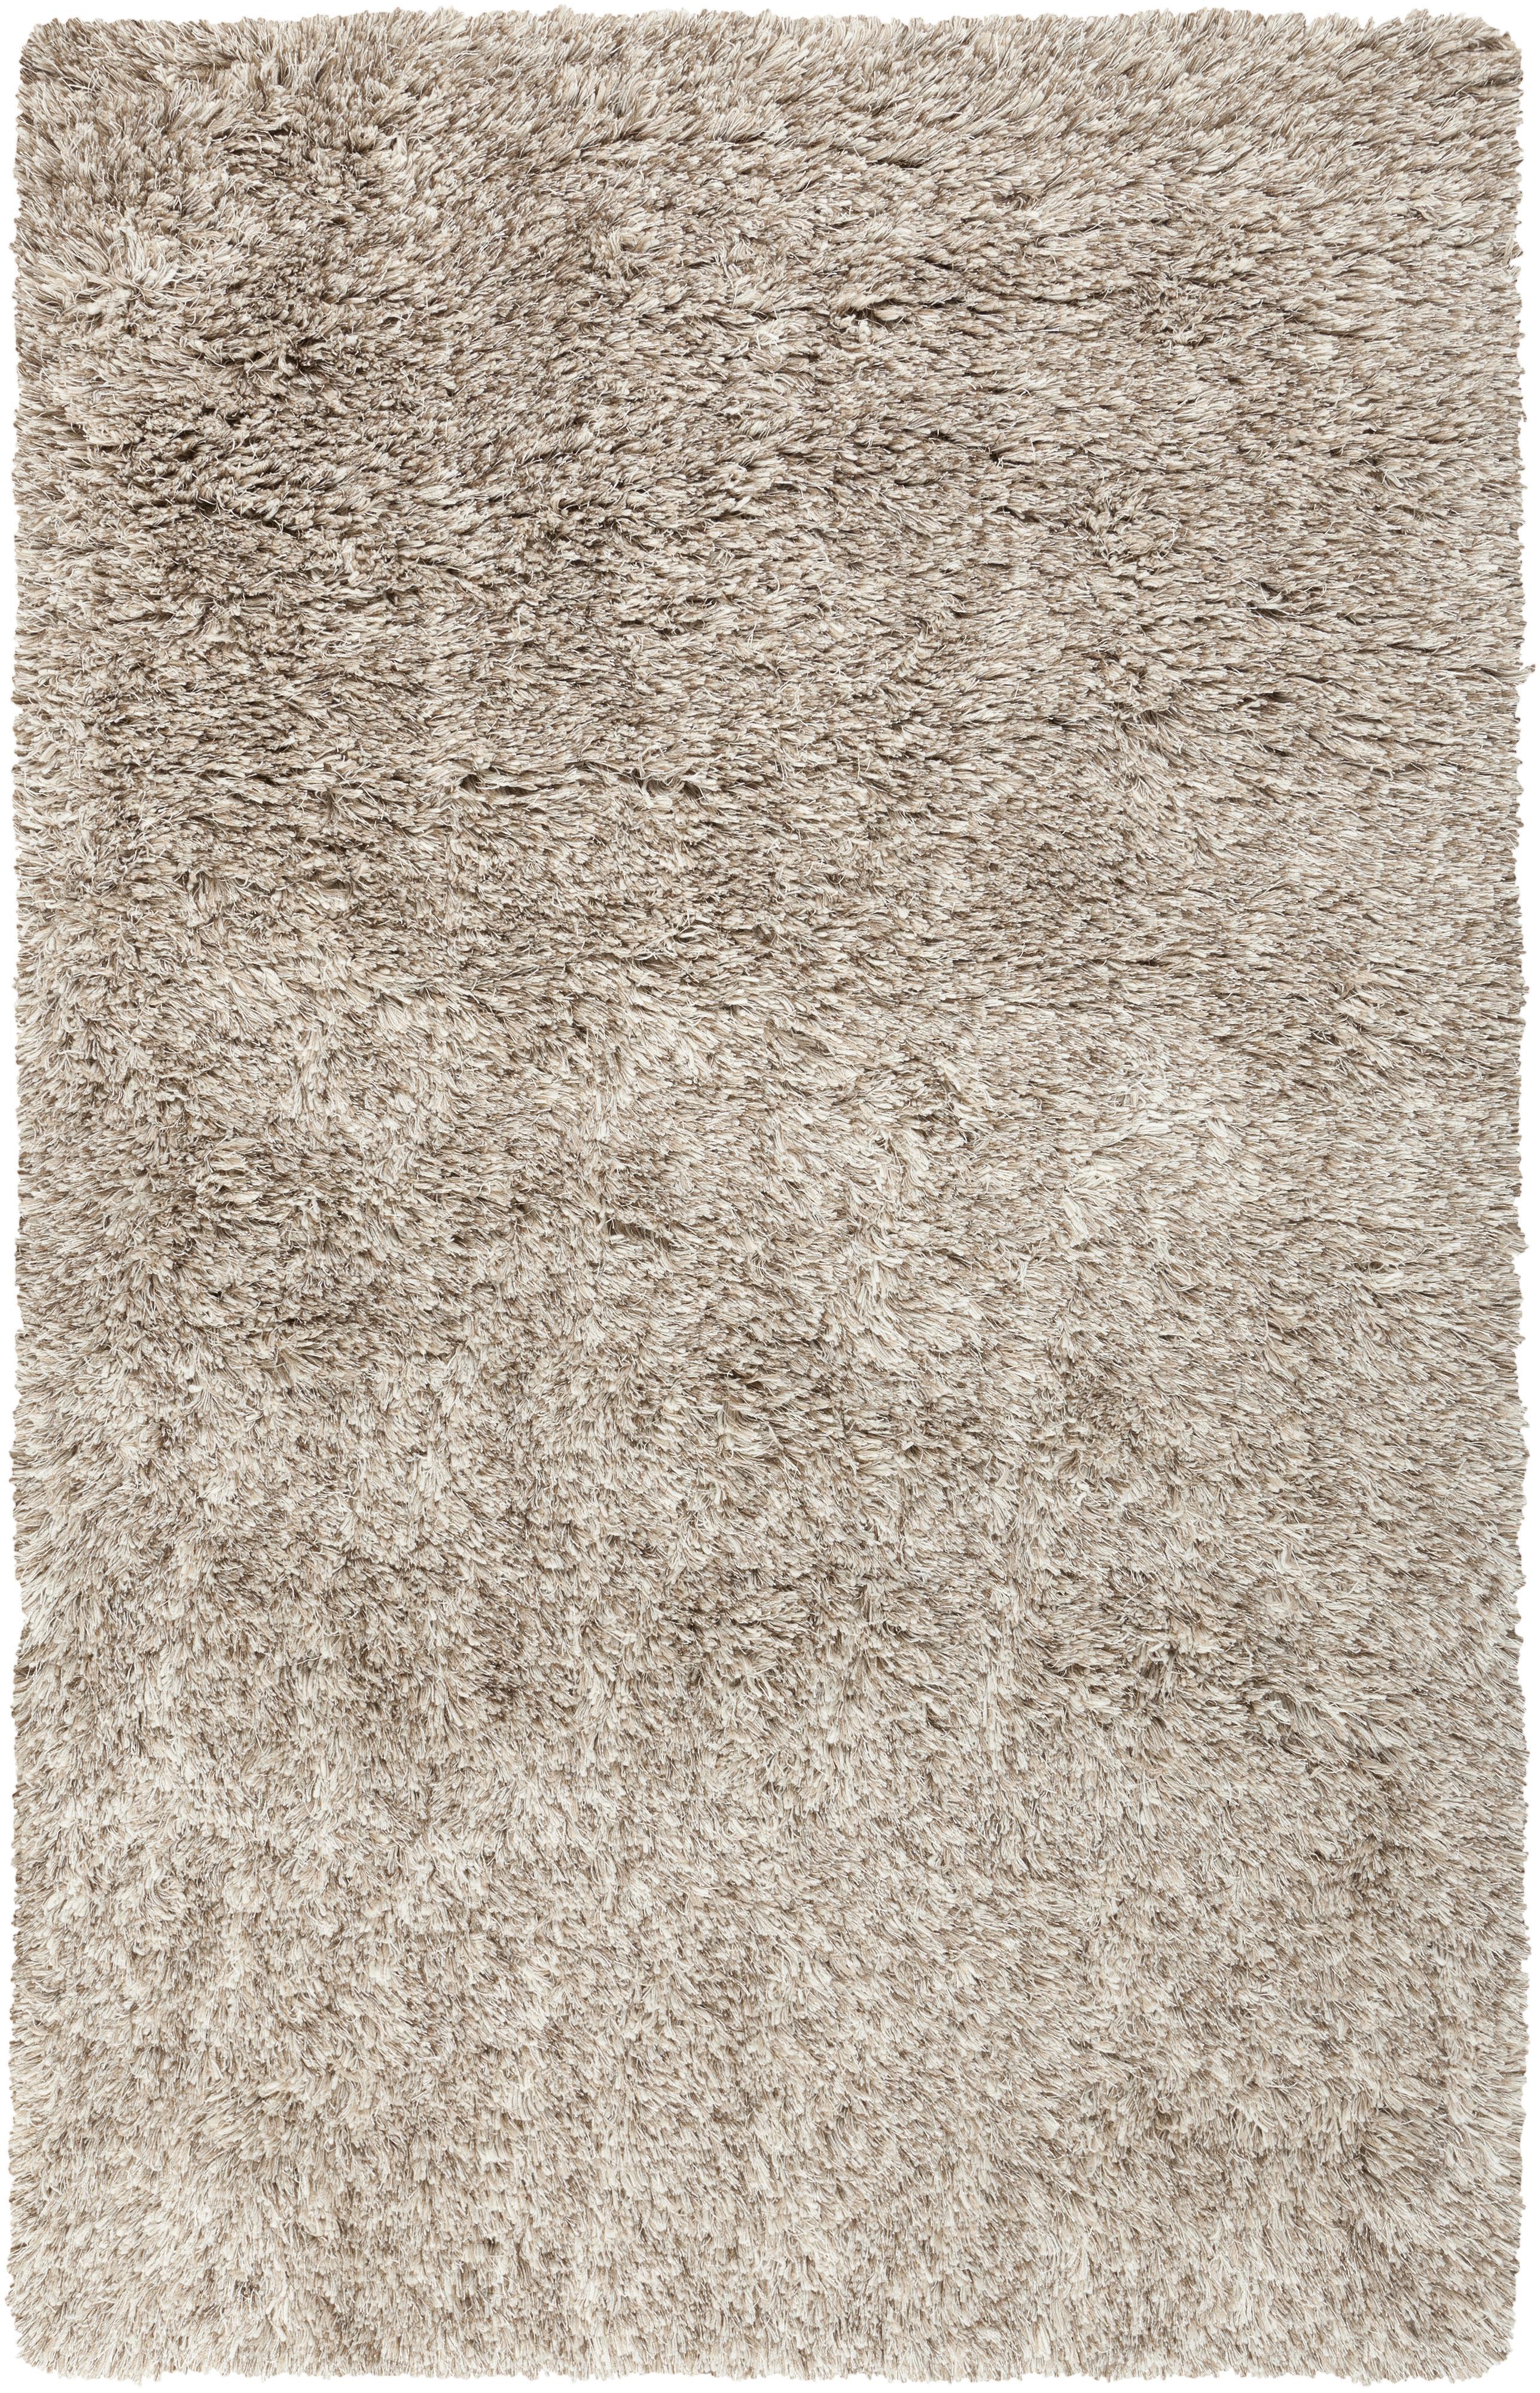 Surya Milan 5' x 8' - Item Number: MIL5001-58